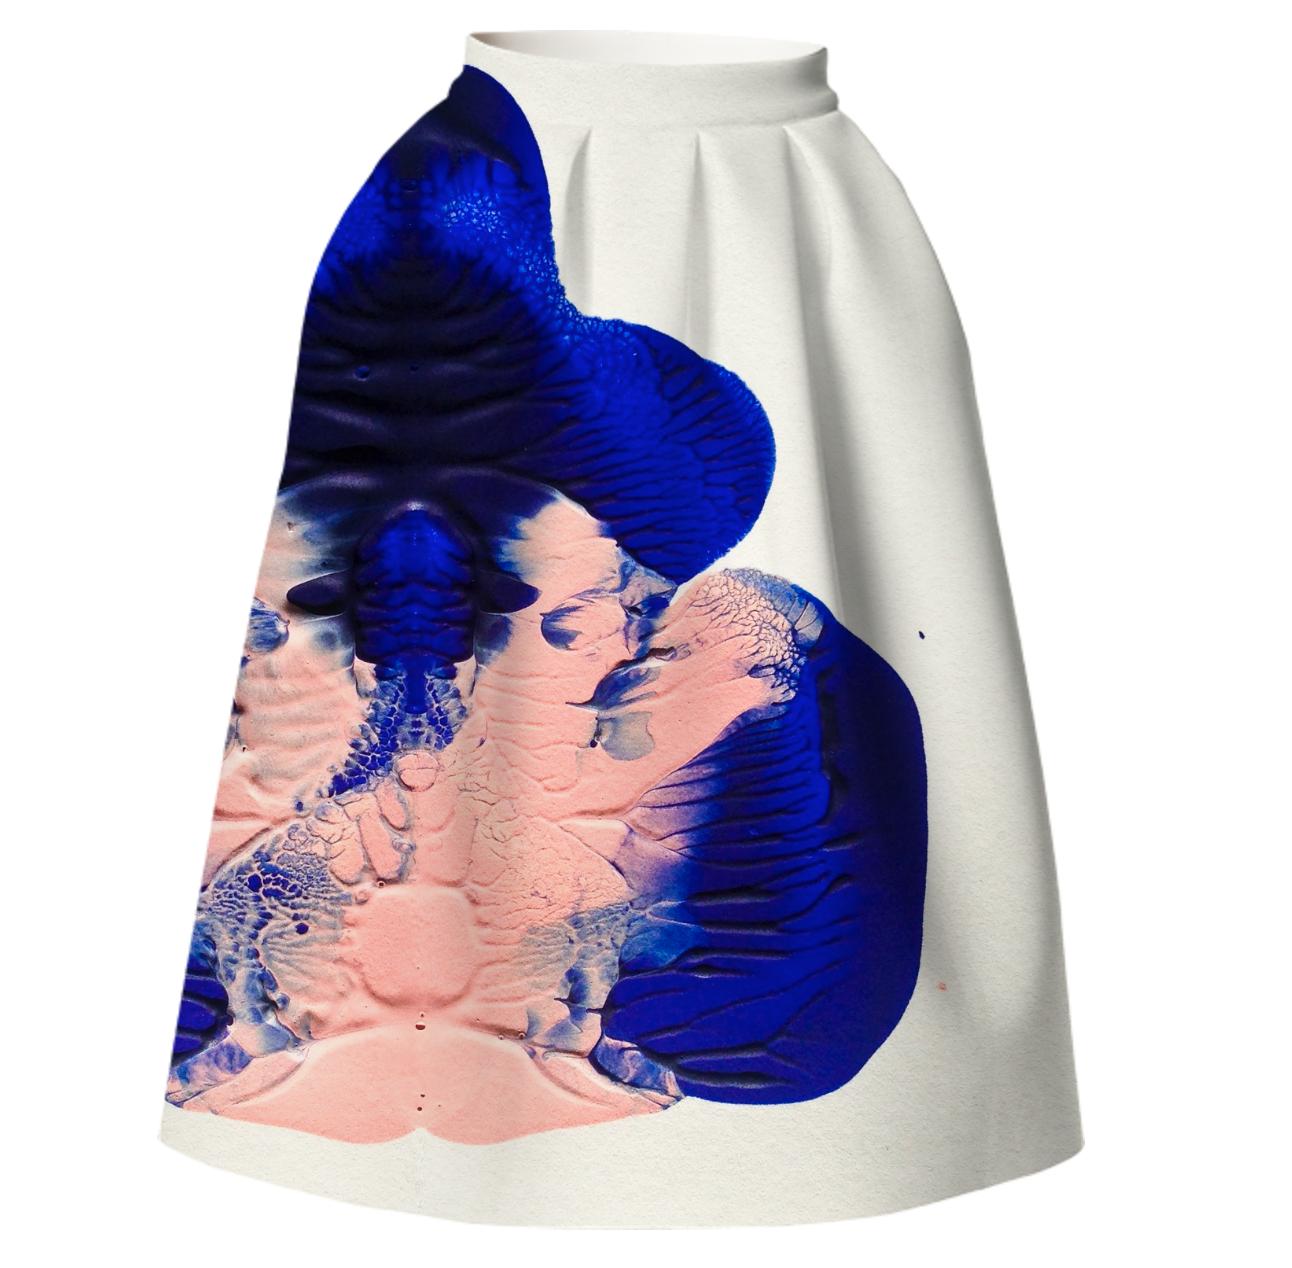 BLOT SKIRT    Neoprene Full Skirt      One Hundred Forty Two Dollars